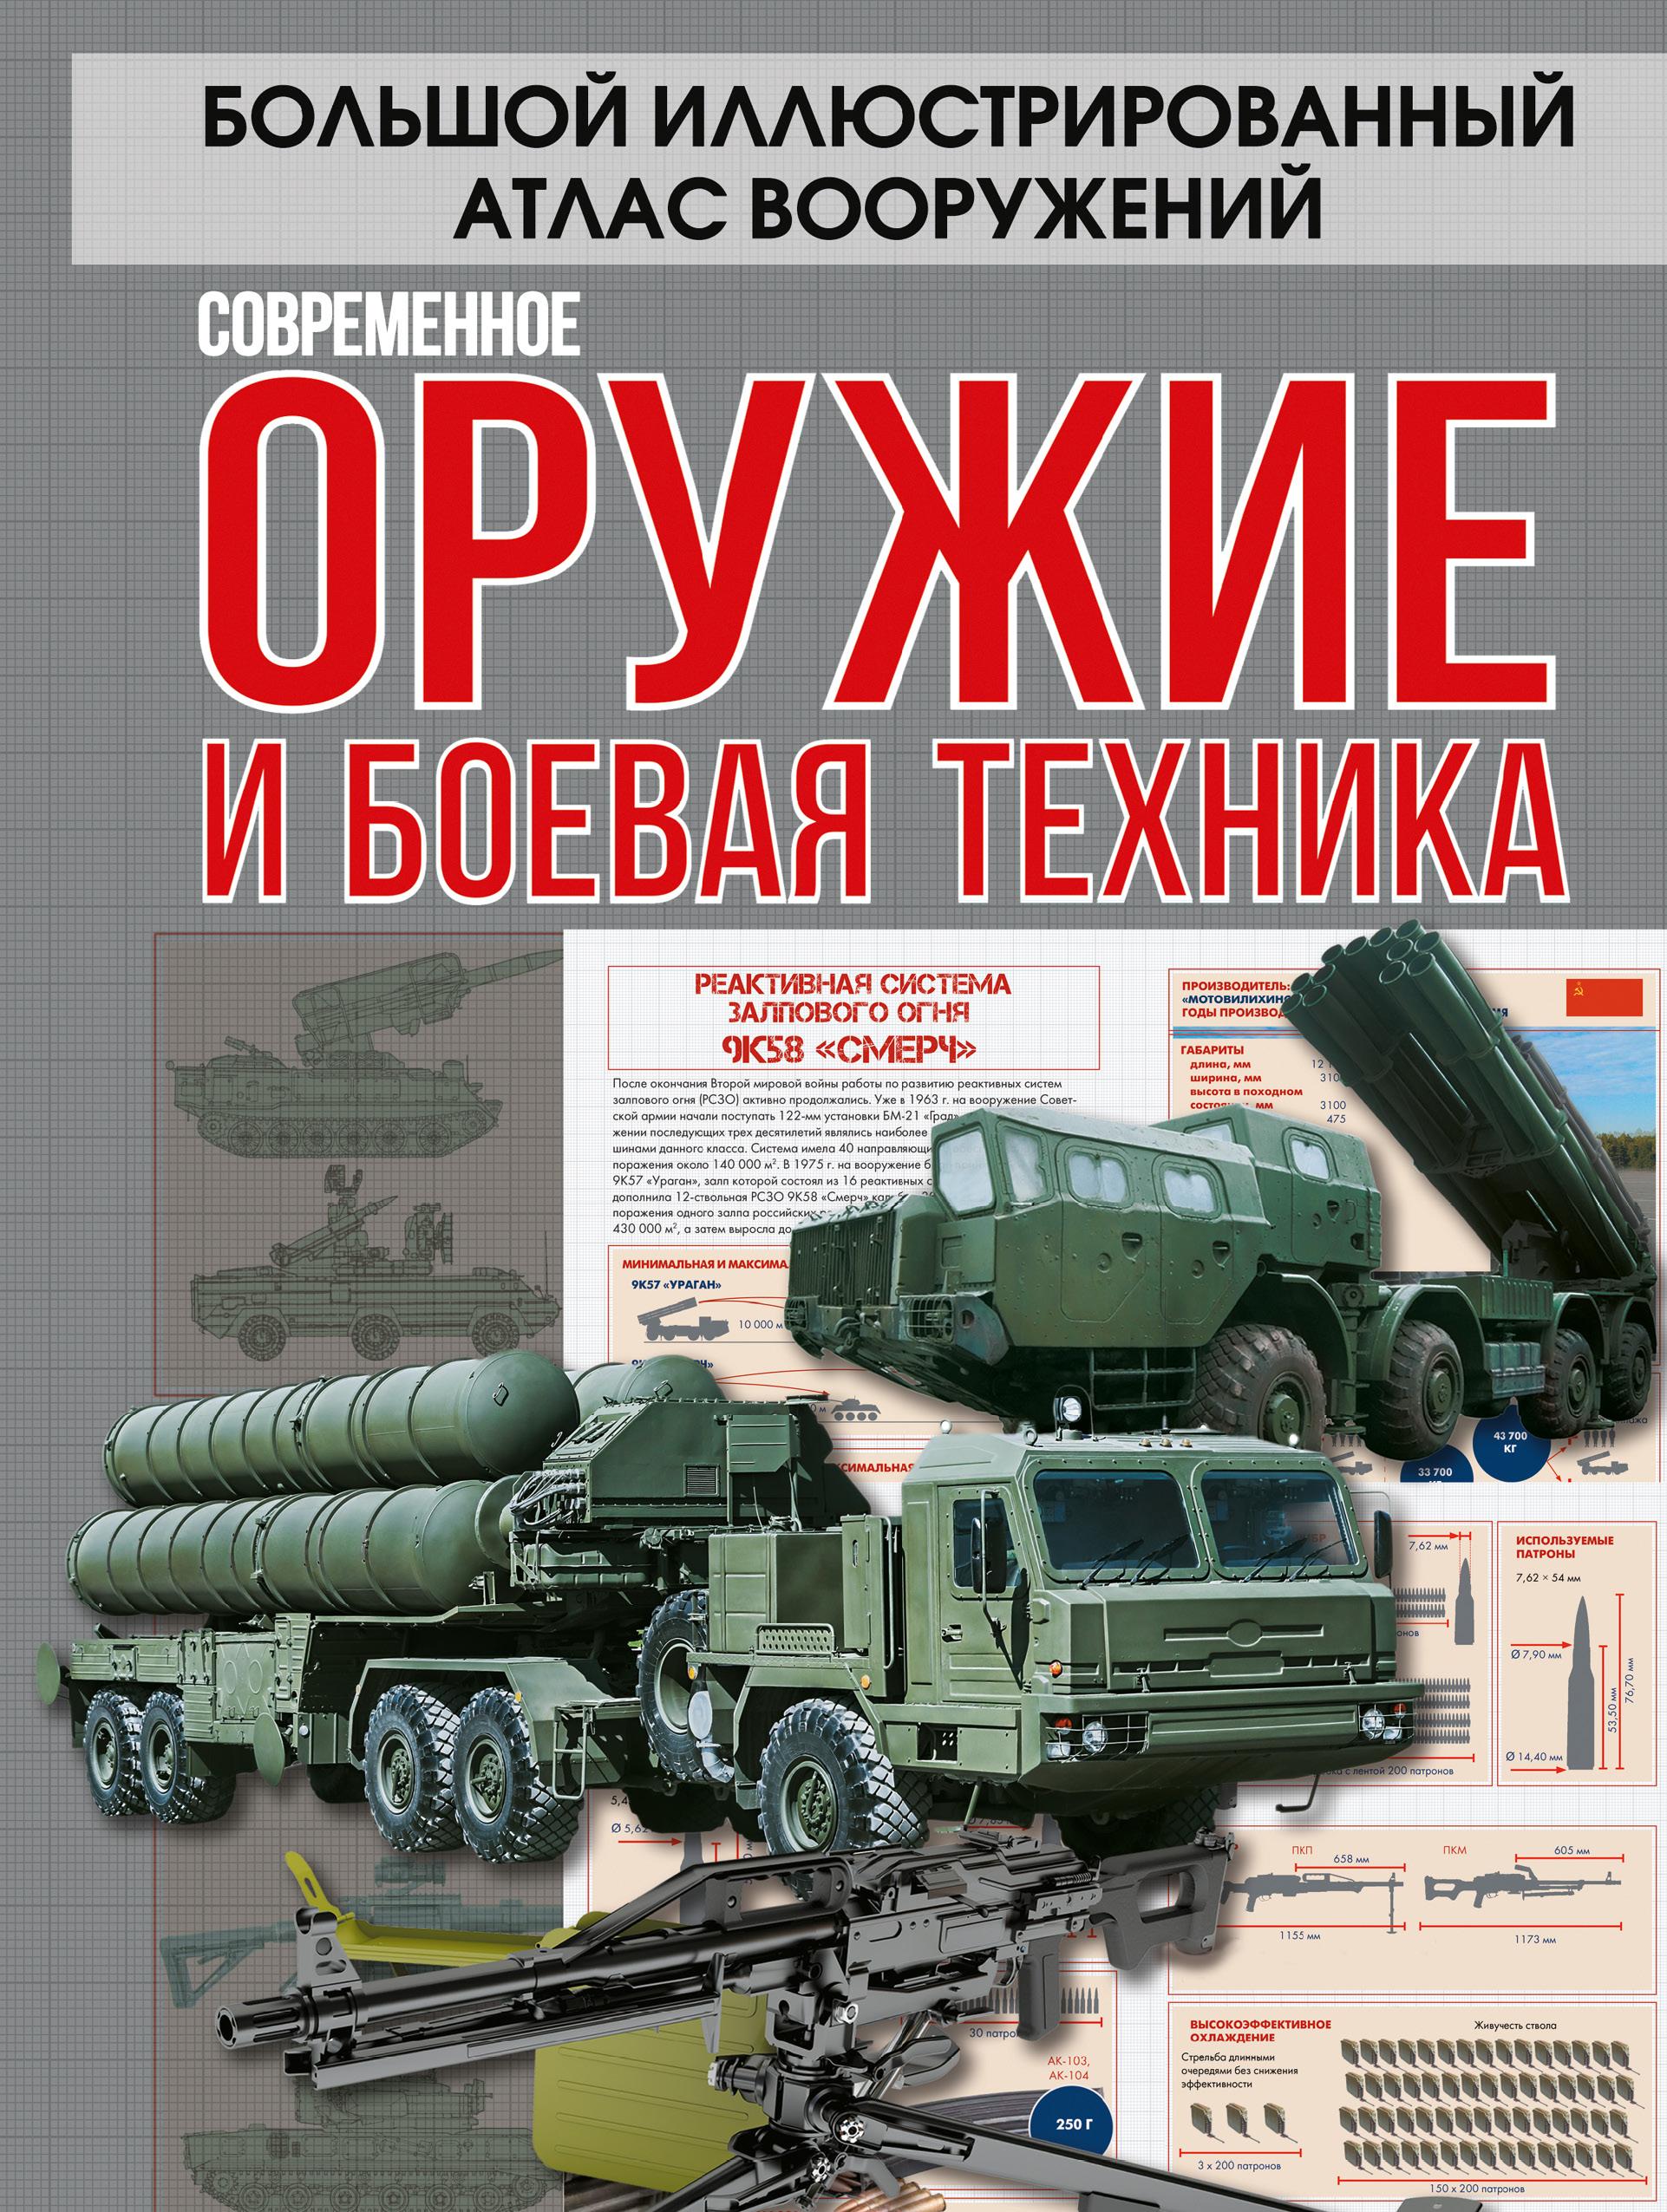 Современное оружие и боевая техника ( Ликсо В.В., Мерников А.Г., Проказов Б.Б.  )